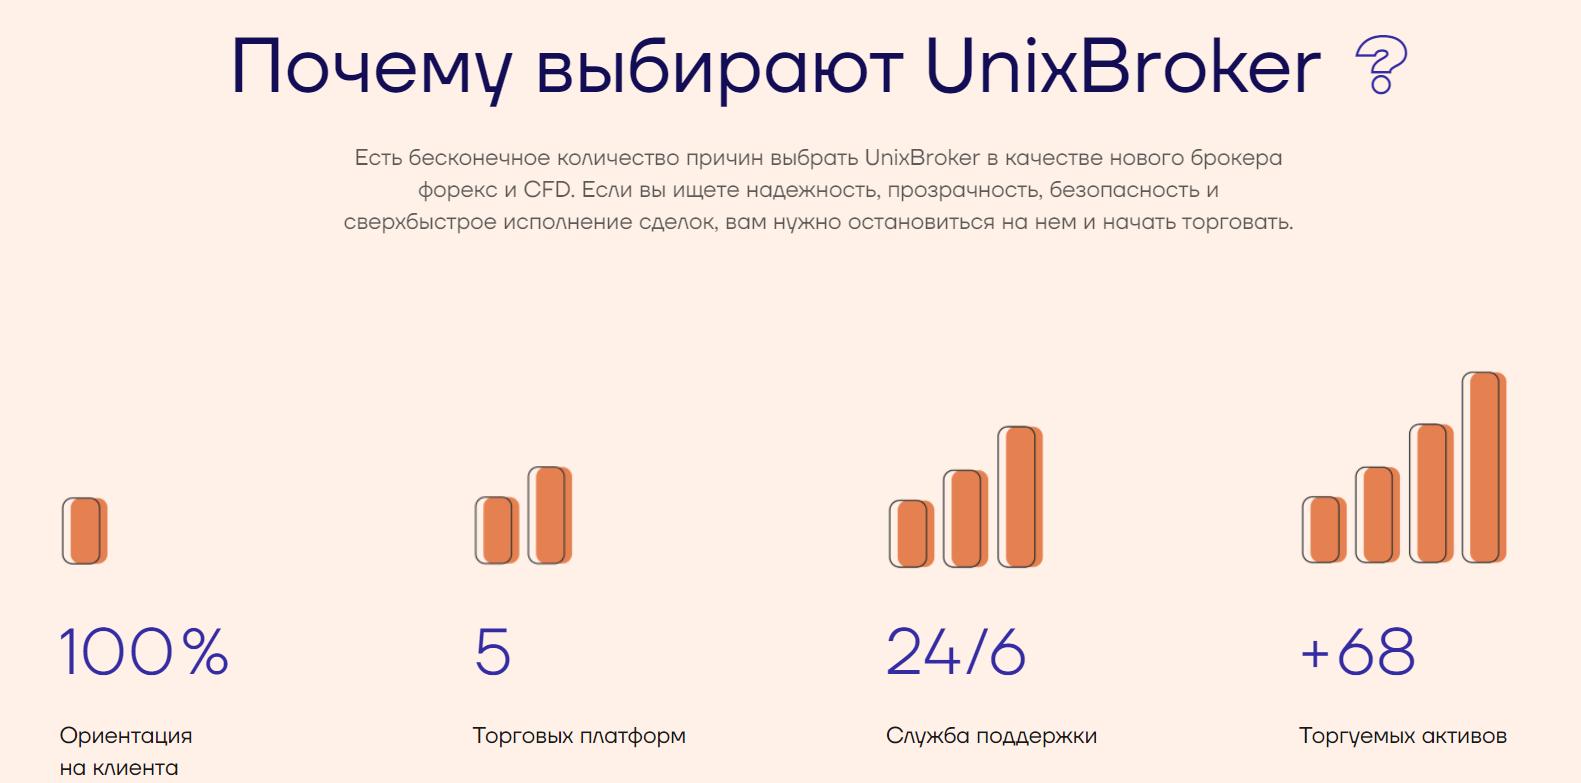 Почему выбирают UnixBroker?